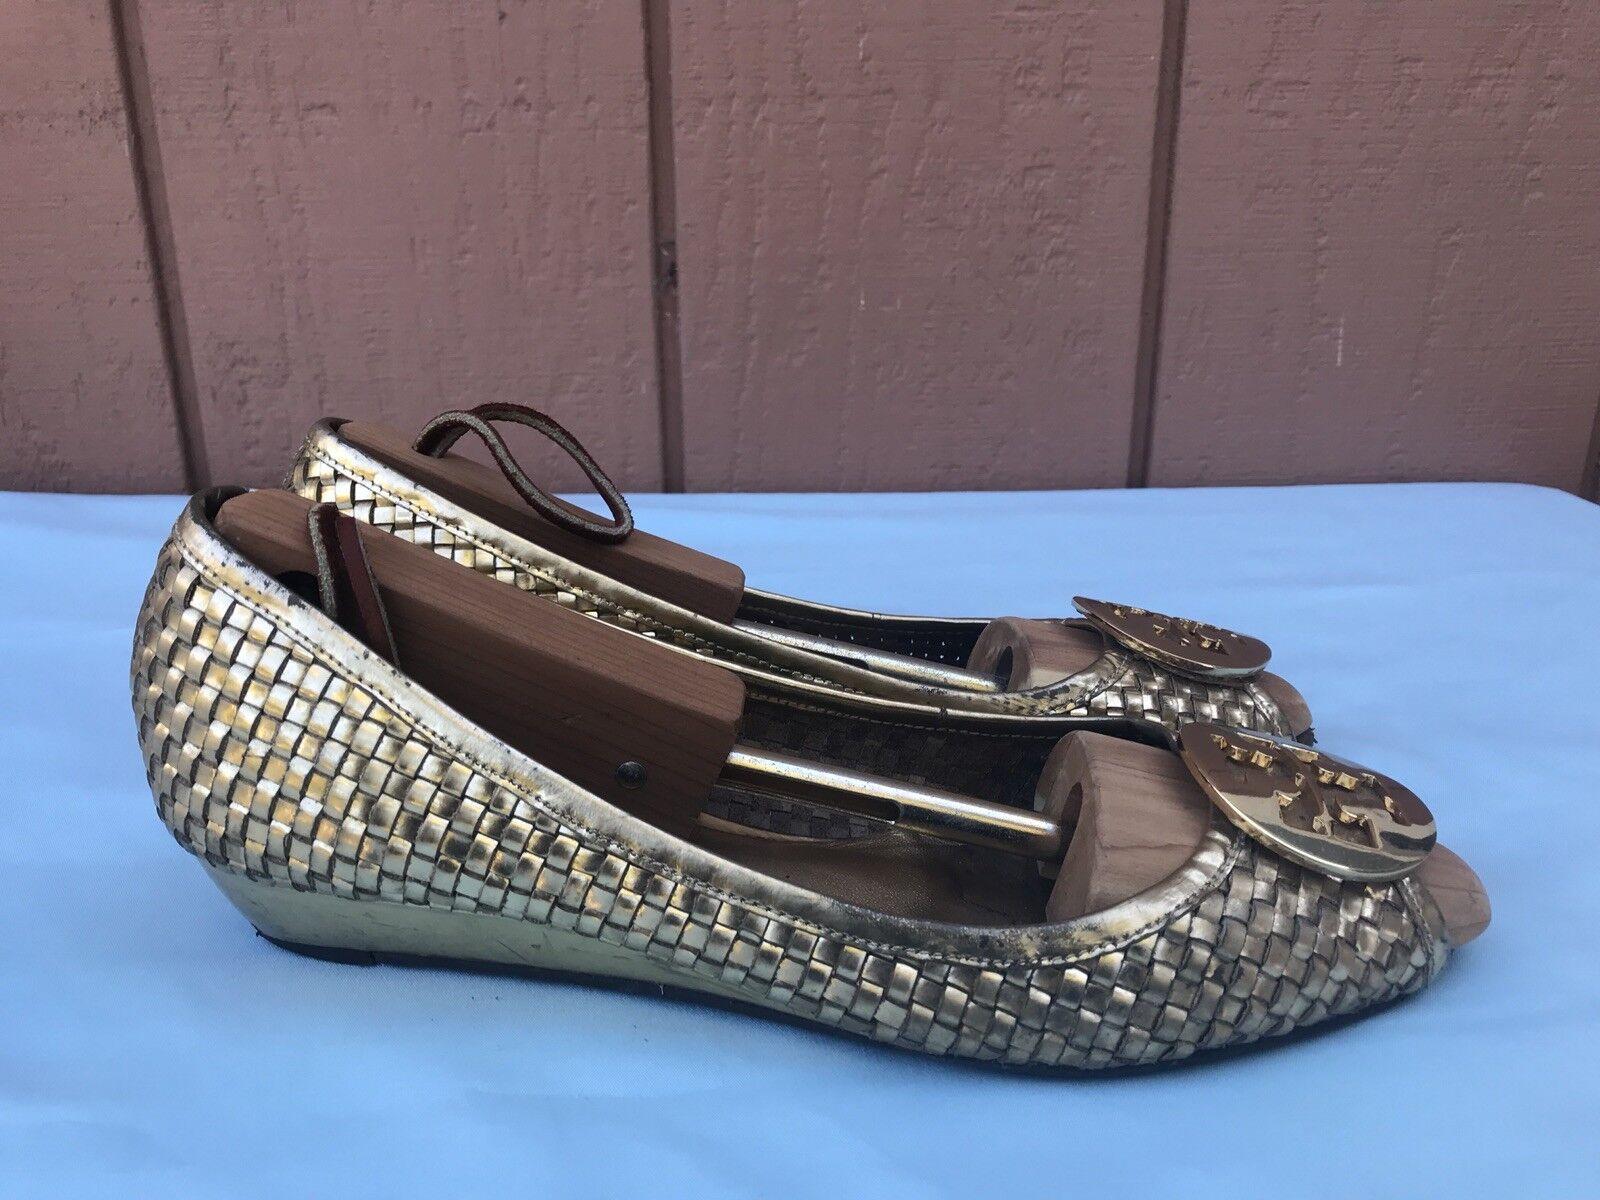 Raro Tory Burch Para mujeres mujeres mujeres EE. UU. 8 Cuero Tejido Dorado Cuña Baja Peep Toe Zapatos de A9  auténtico